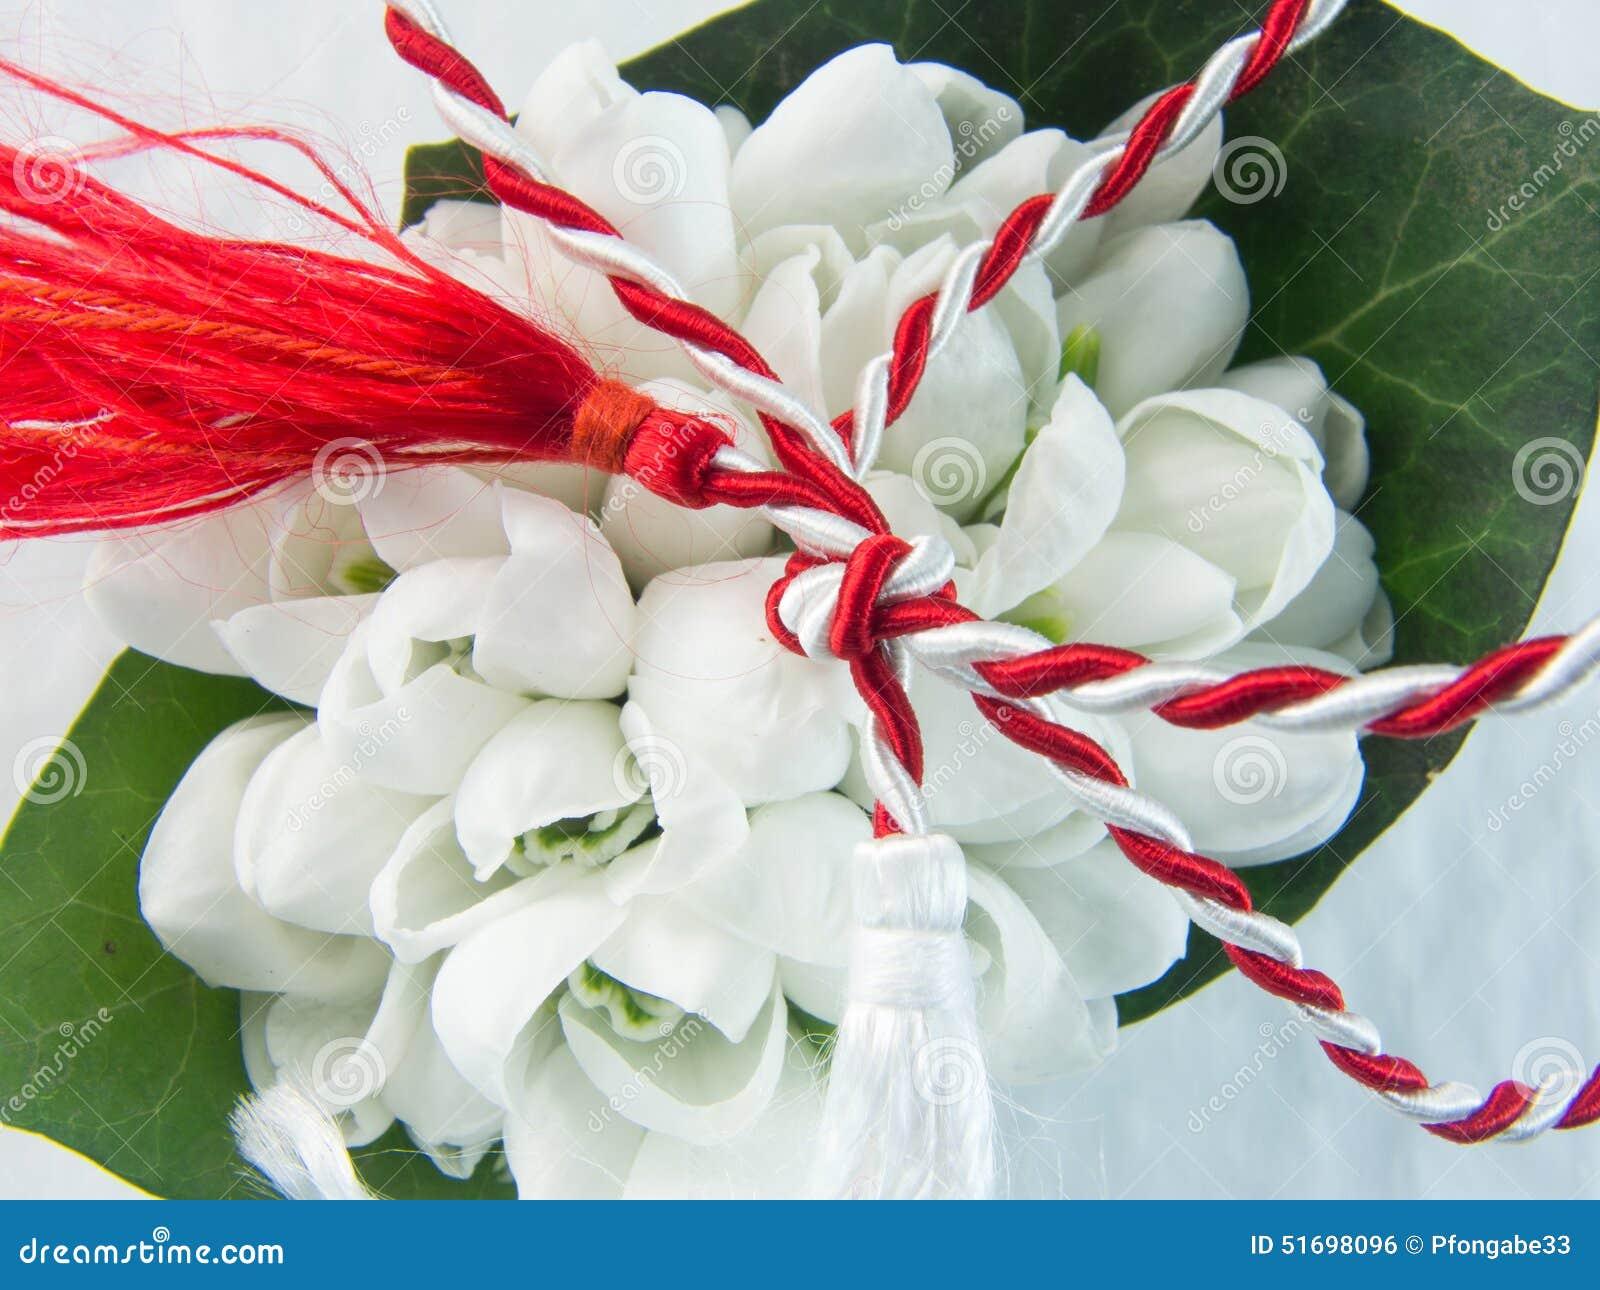 D abord de la corde blanche et rouge de tradition de mars